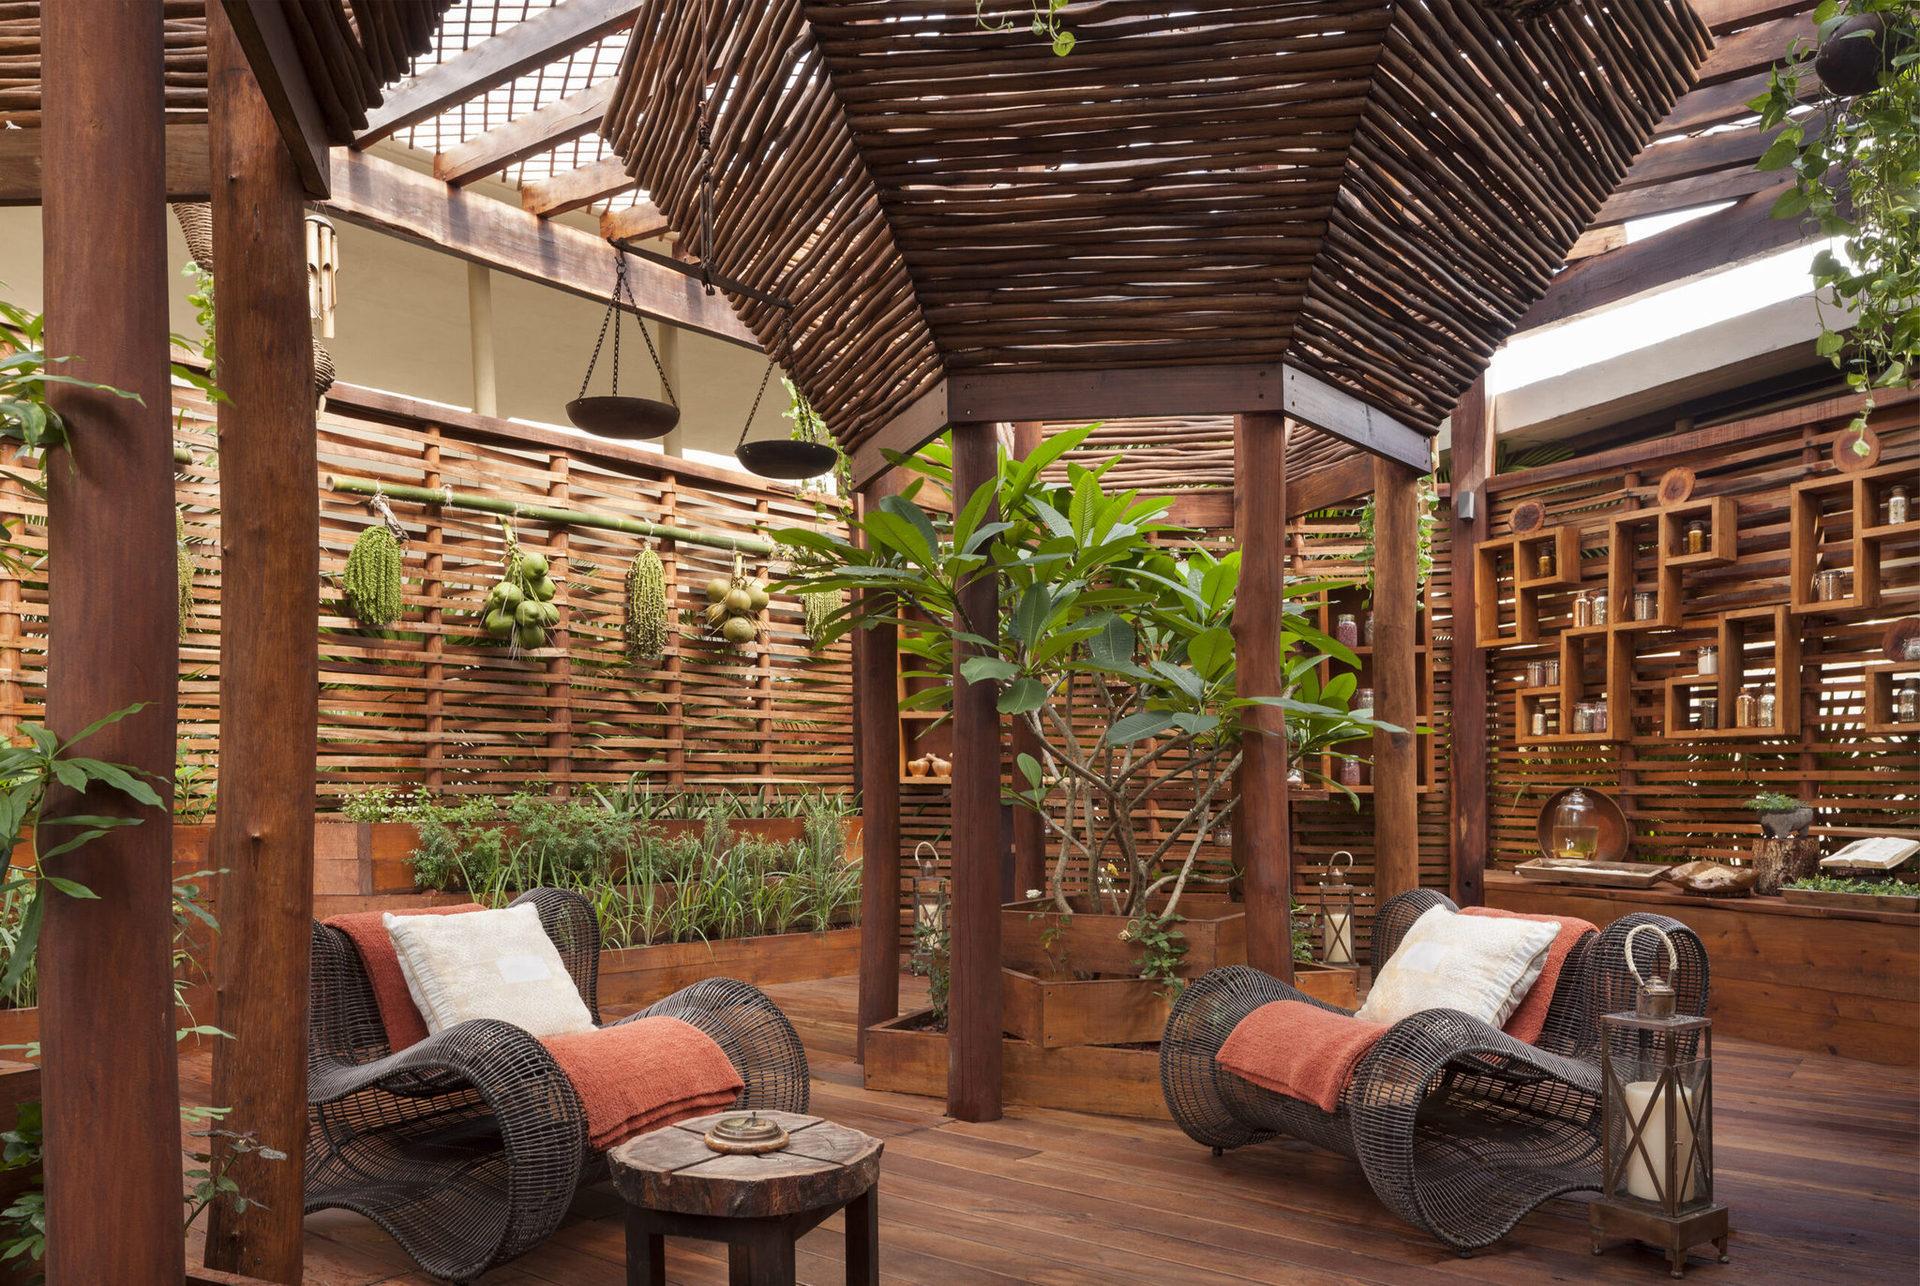 Один з кращих у Карибському регіоні СПА-центр Sense, A Rosewood Spa®, сам готель відзначений нагородою TripAdvisor Reader's Choice Awards - #1 у Мексиці.